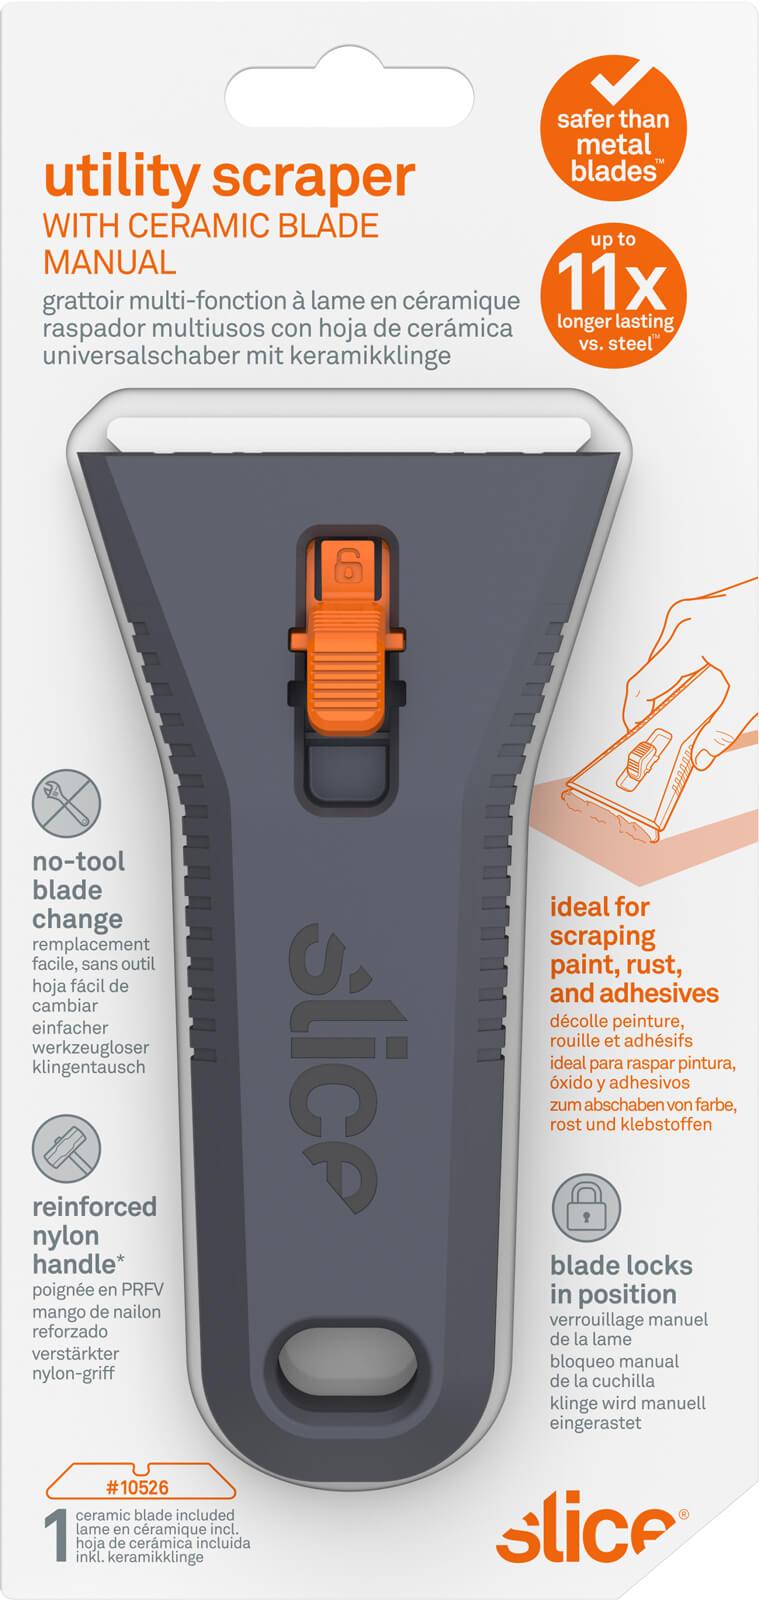 S083-Keramik-Sicherheits-Schaber-manuell-Verpackung-CURT-tools_1600